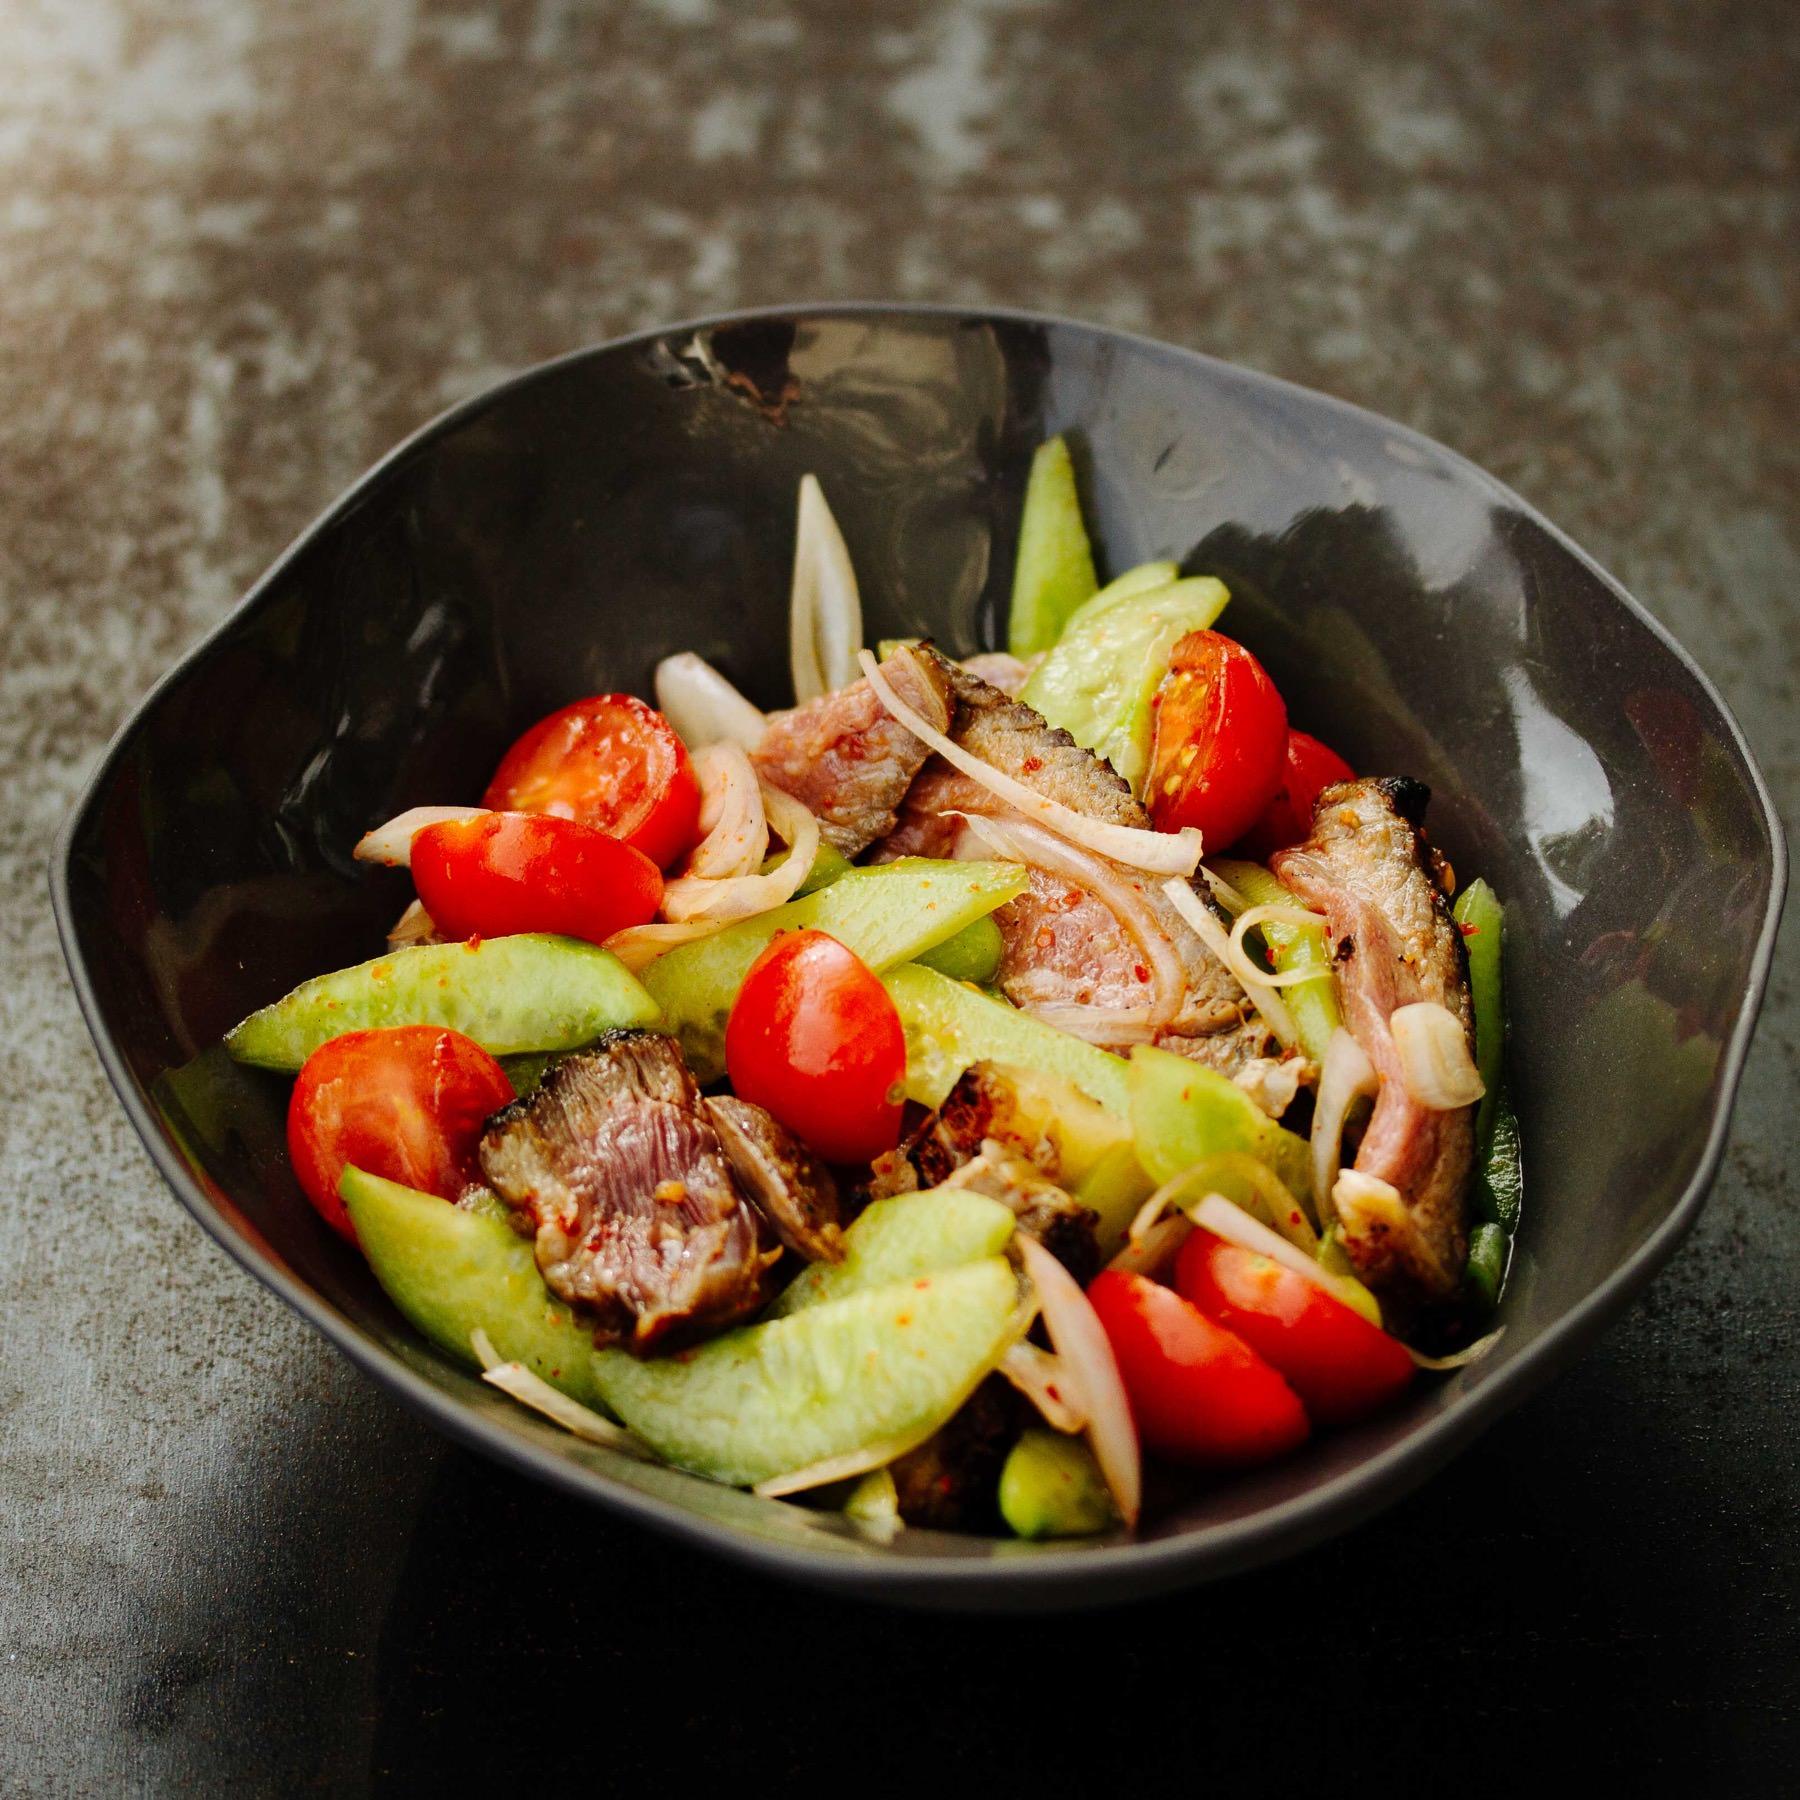 Scharfer Thai-Rindersalat mit gegrilltem Steak - Yam Nuea Yang